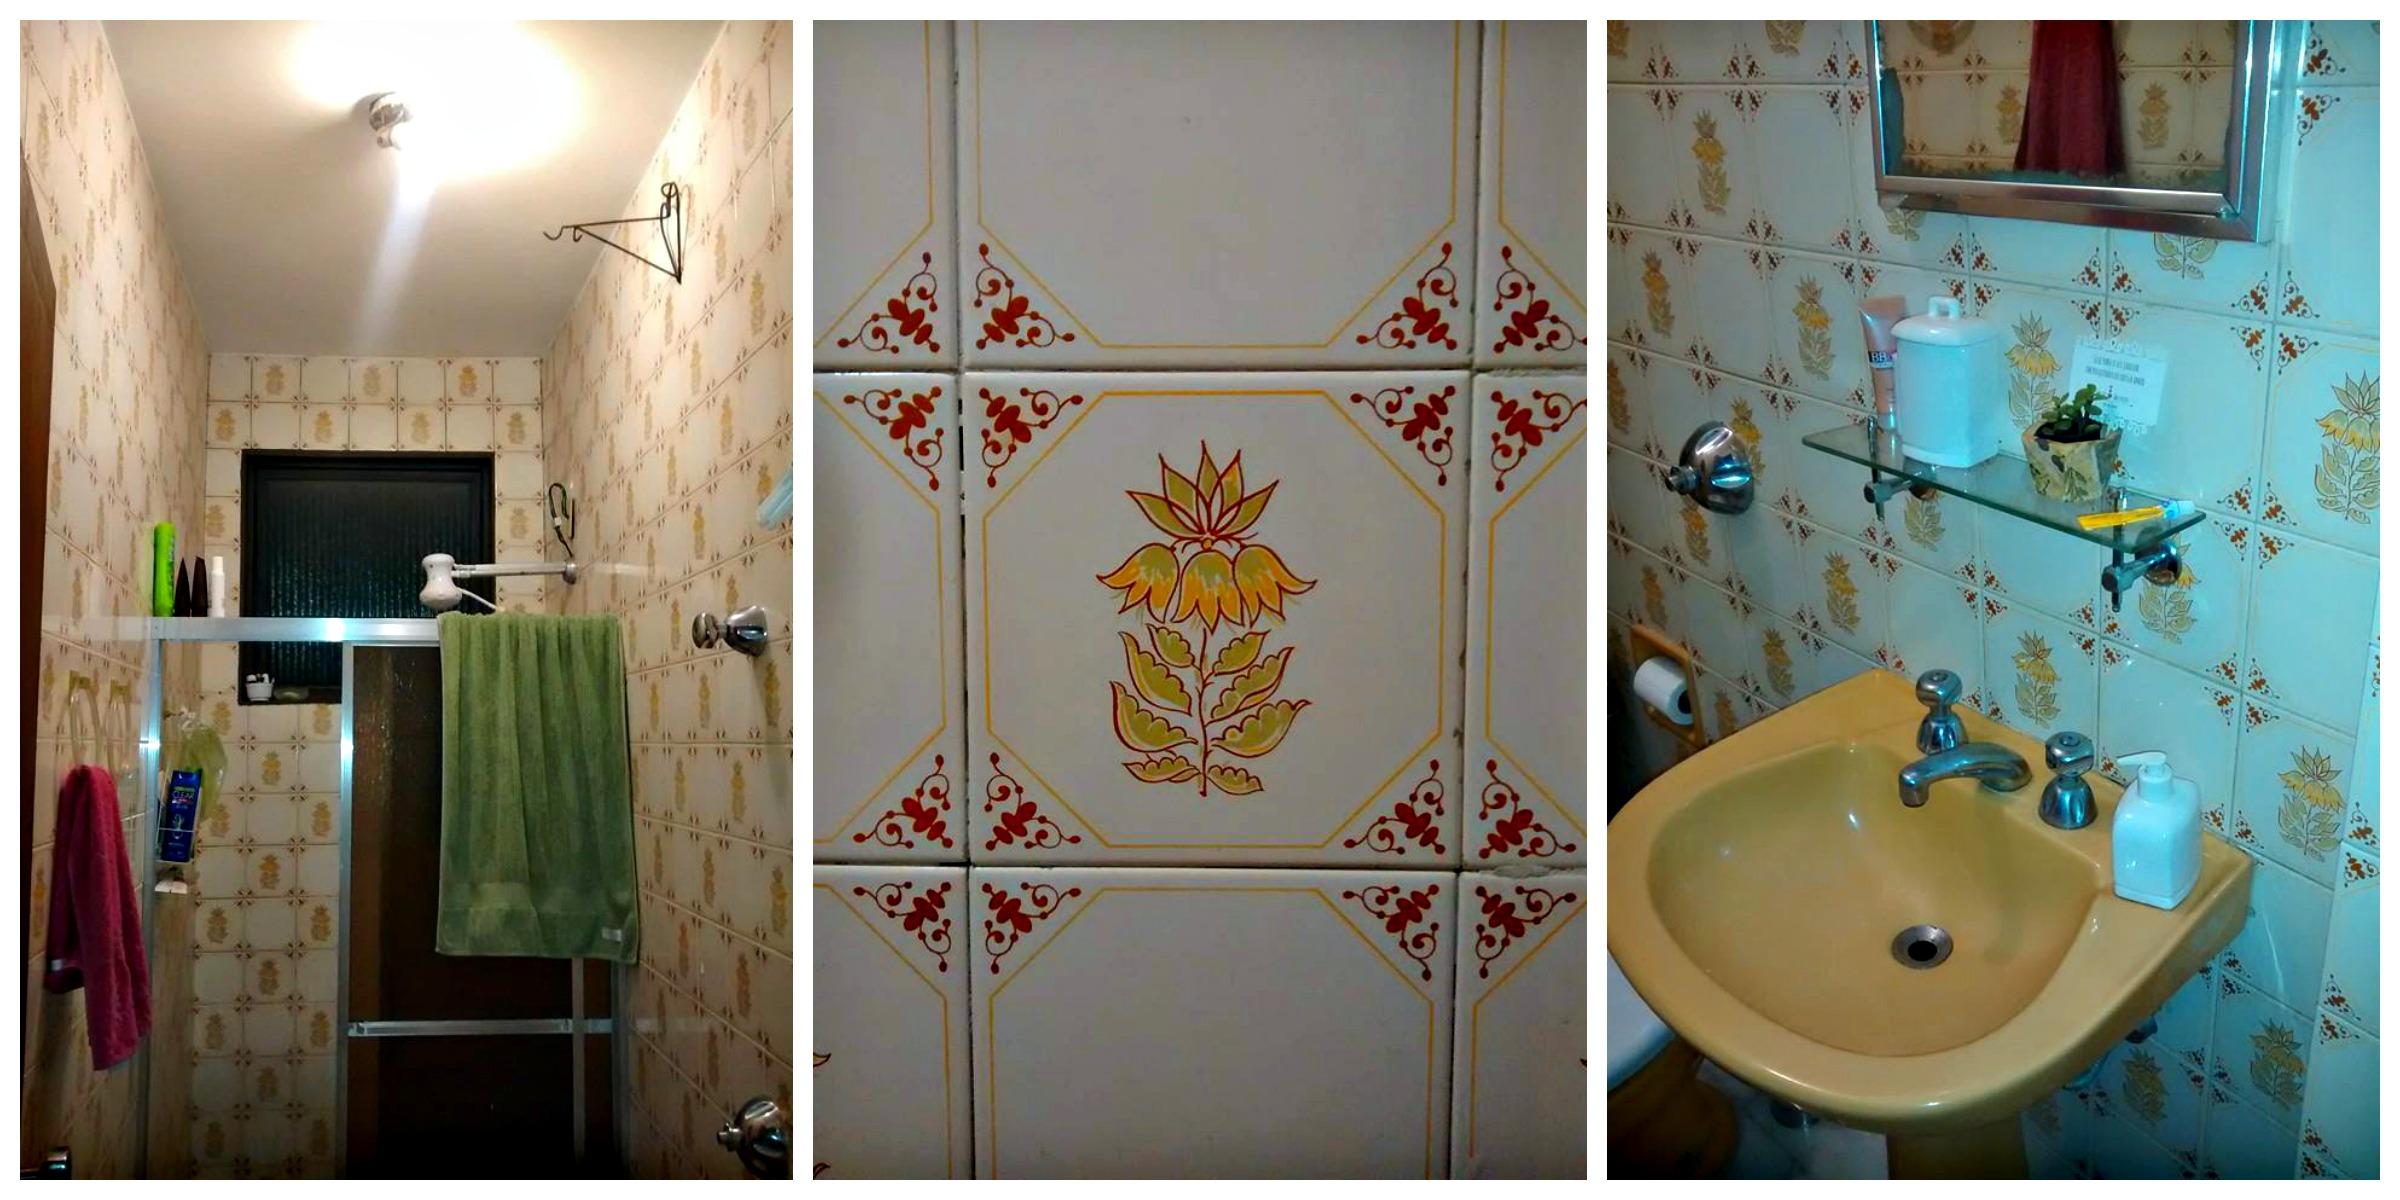 Pin Como Decorar Um Banheiro Sem Janelas on Pinterest #388893 2400x1200 Banheiro Antigo Decoração